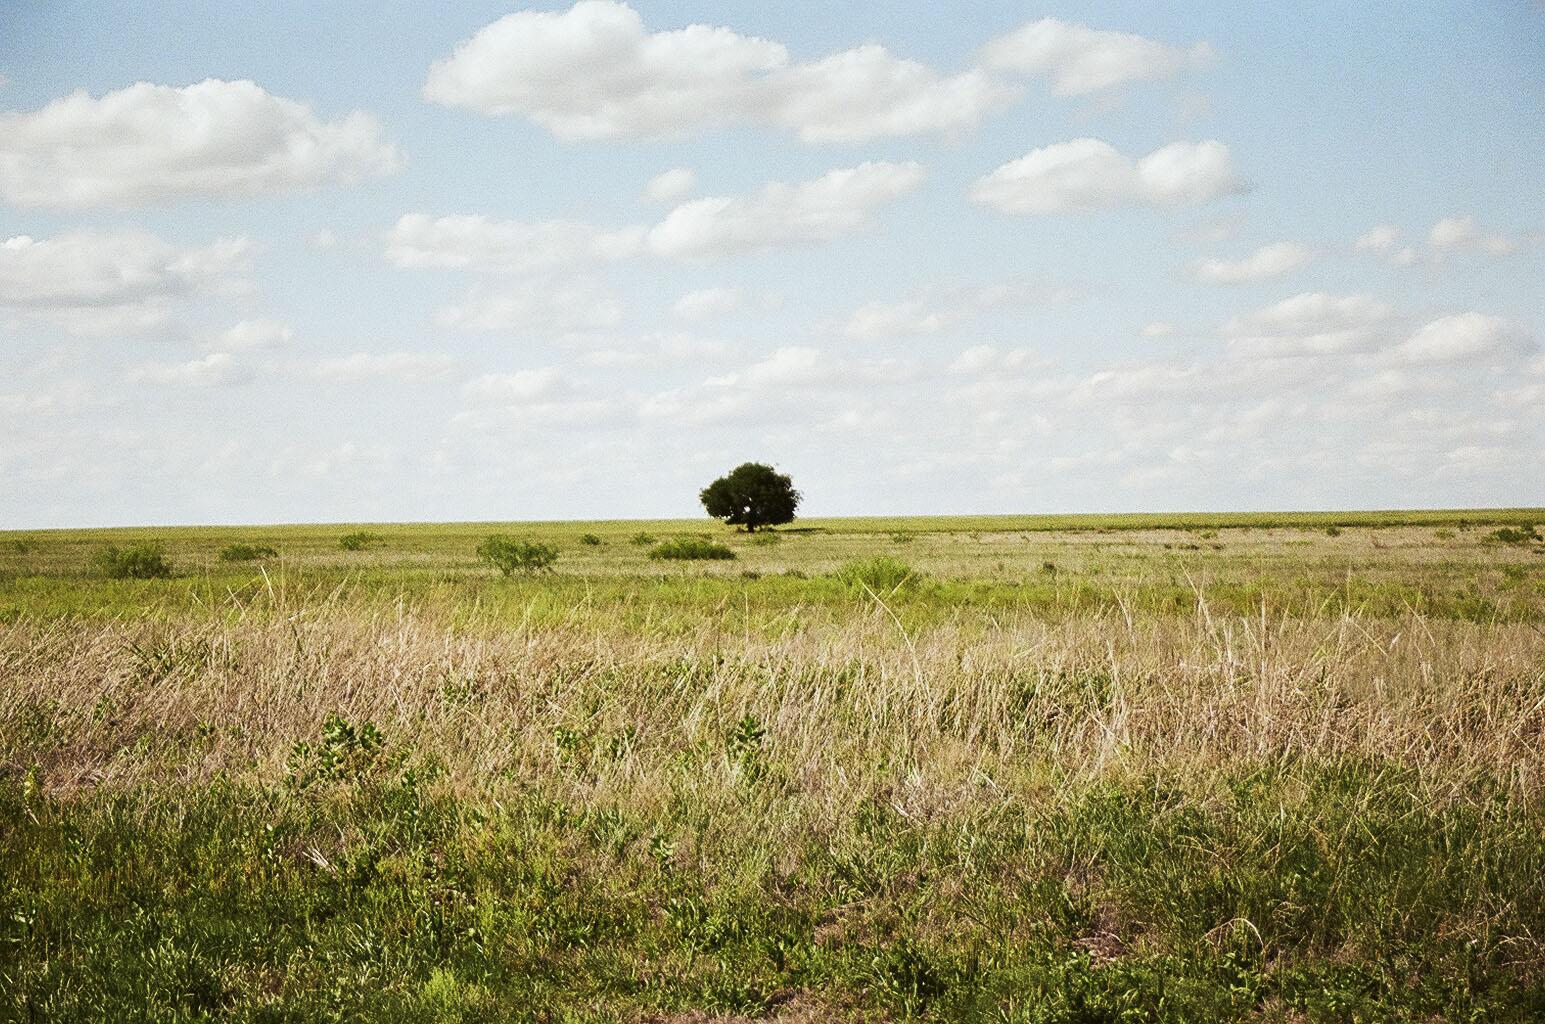 Nebraska, 2013